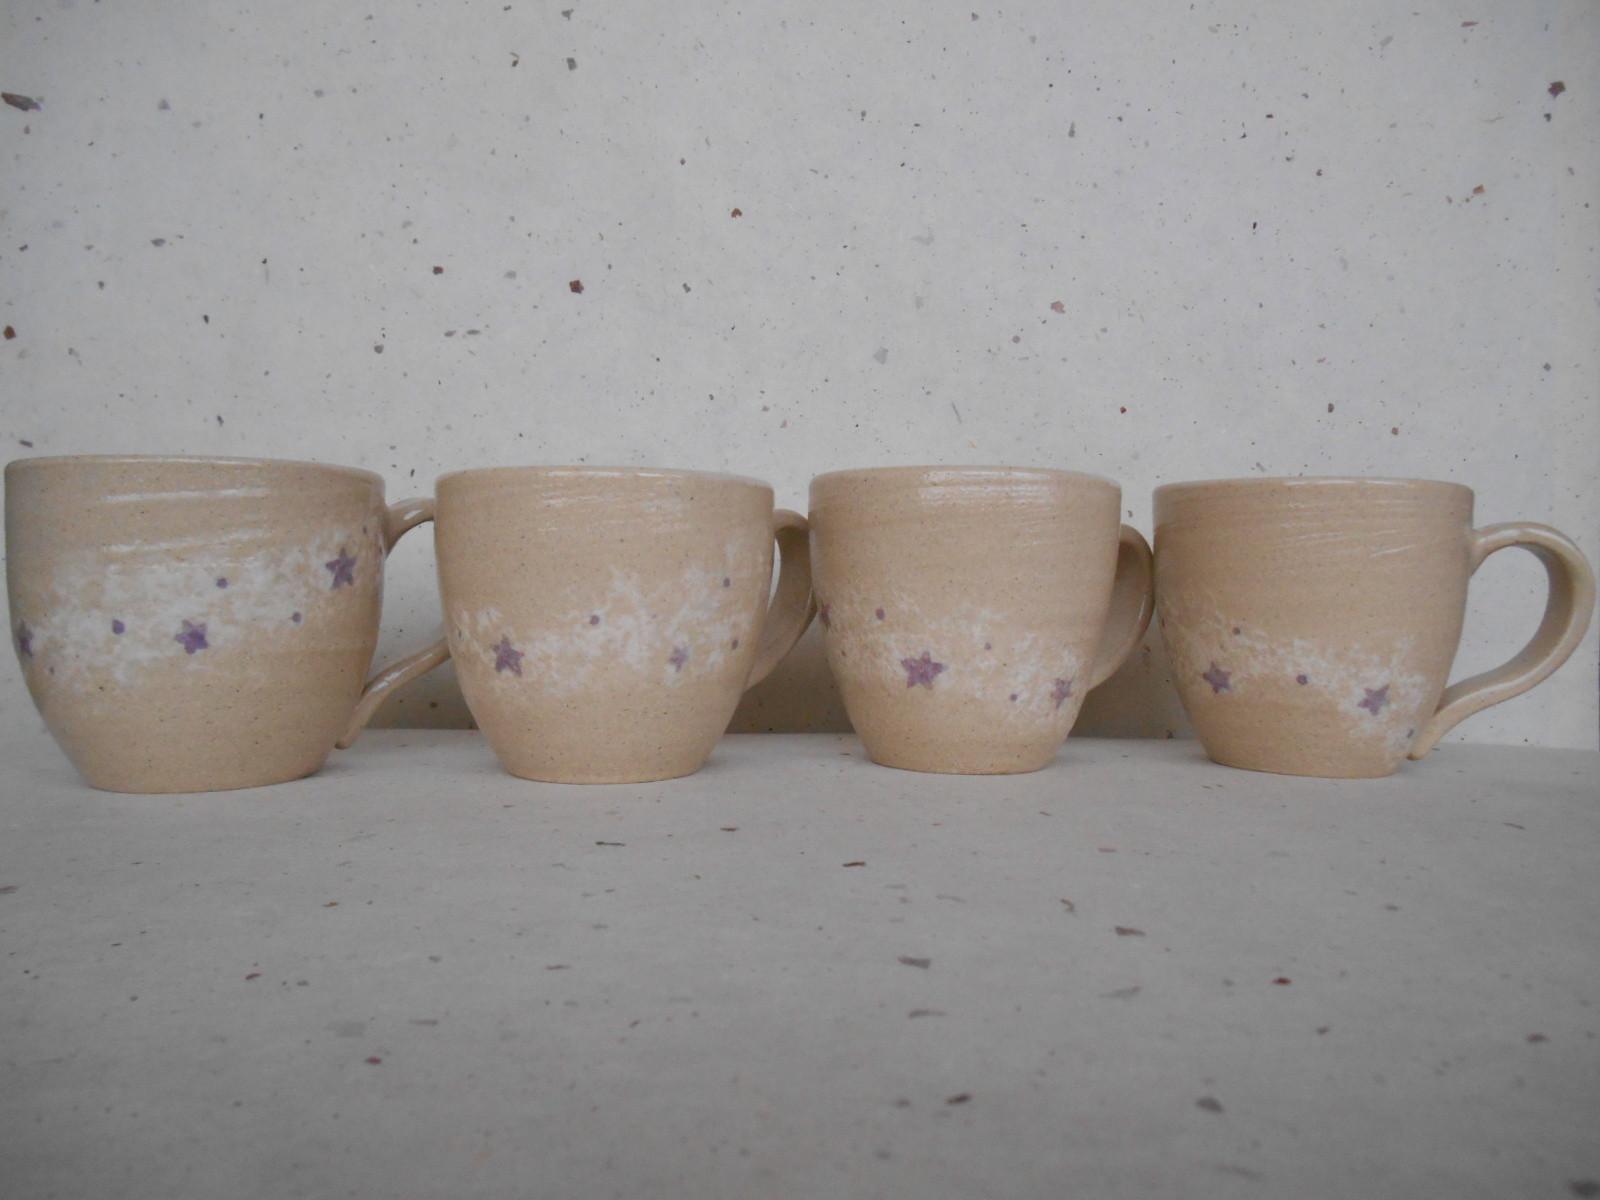 天の川・シリーズのマグカップを作ってみた。